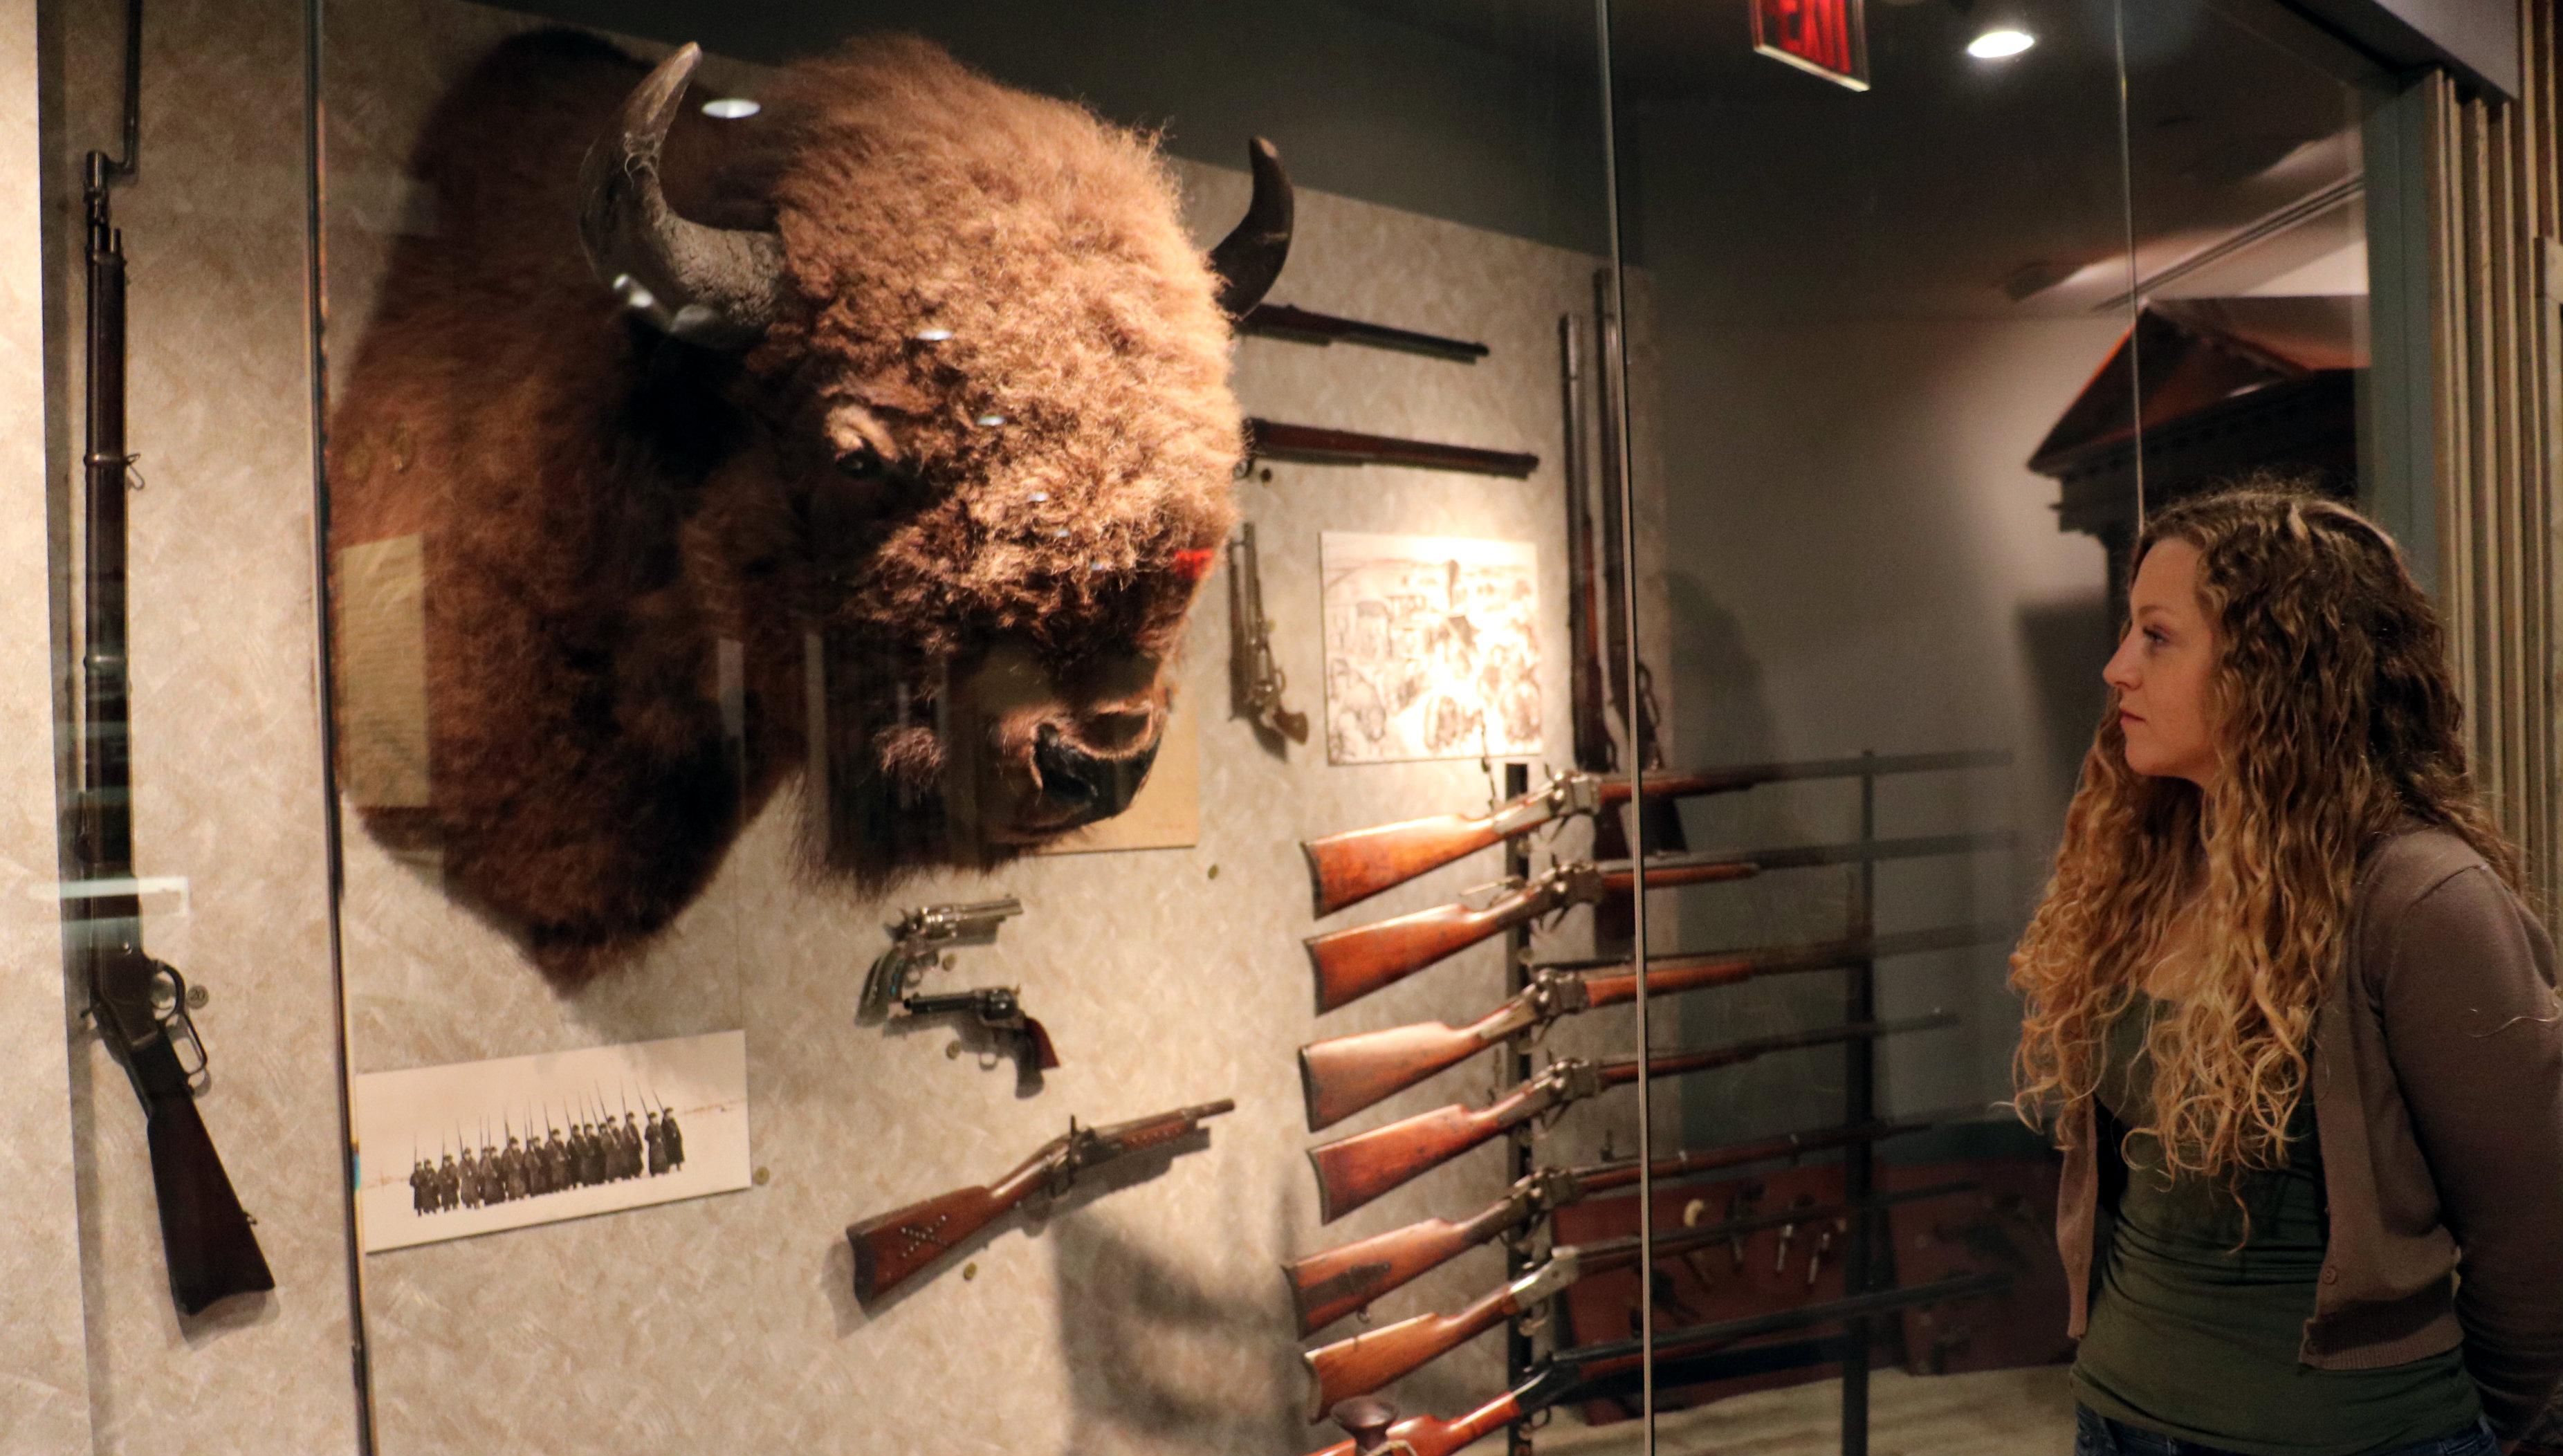 nicole sanders bison nra museum embed